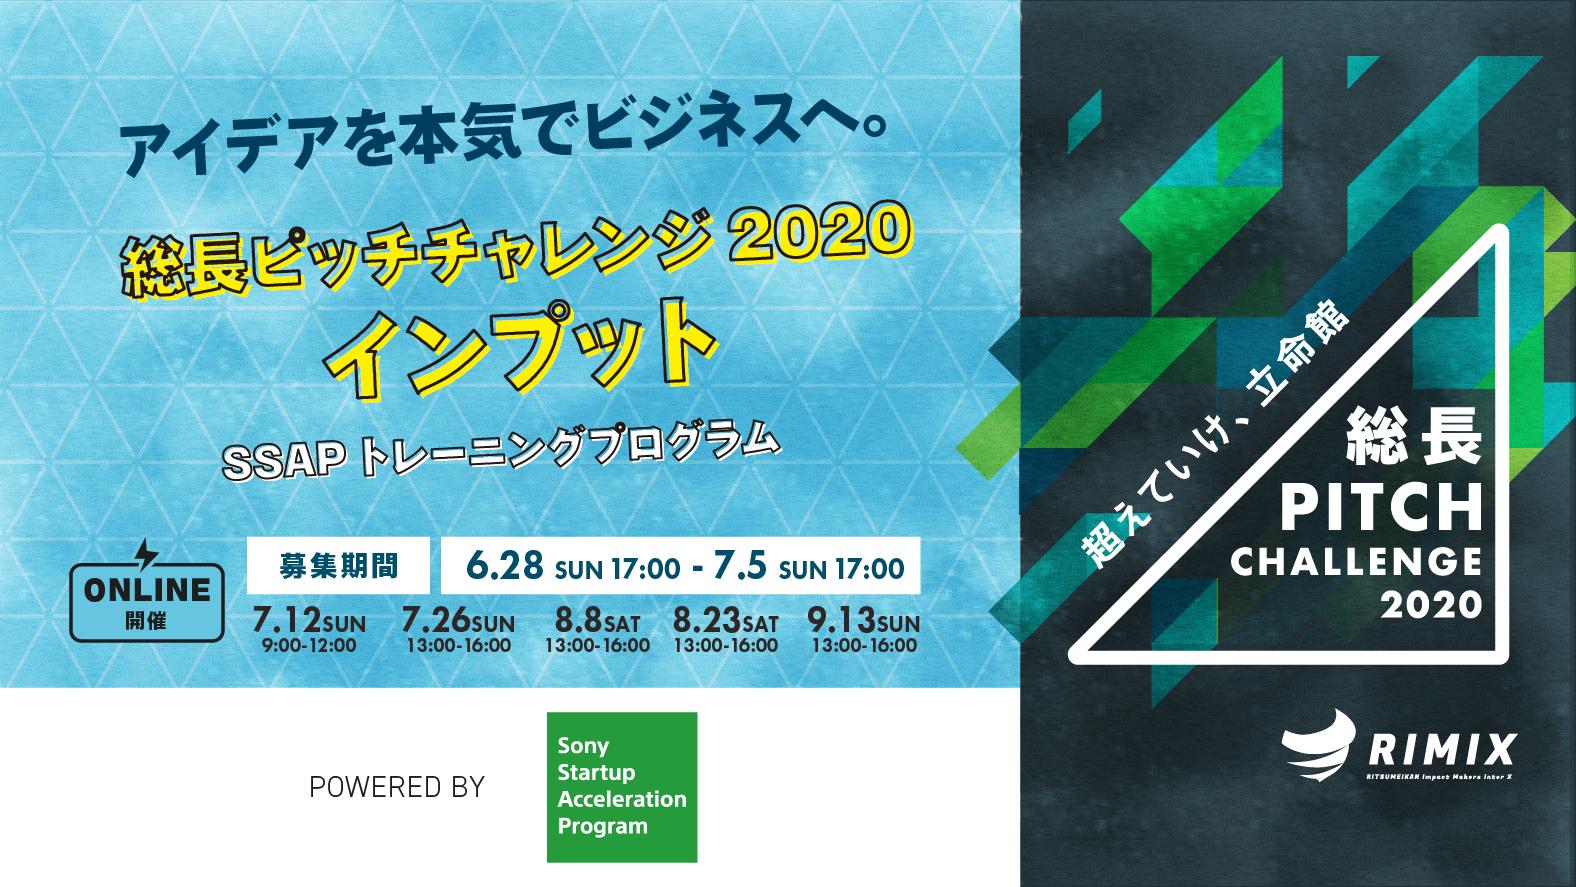 総長PITCH CHALLENGE 2020 「インプット」受講生募集開始!